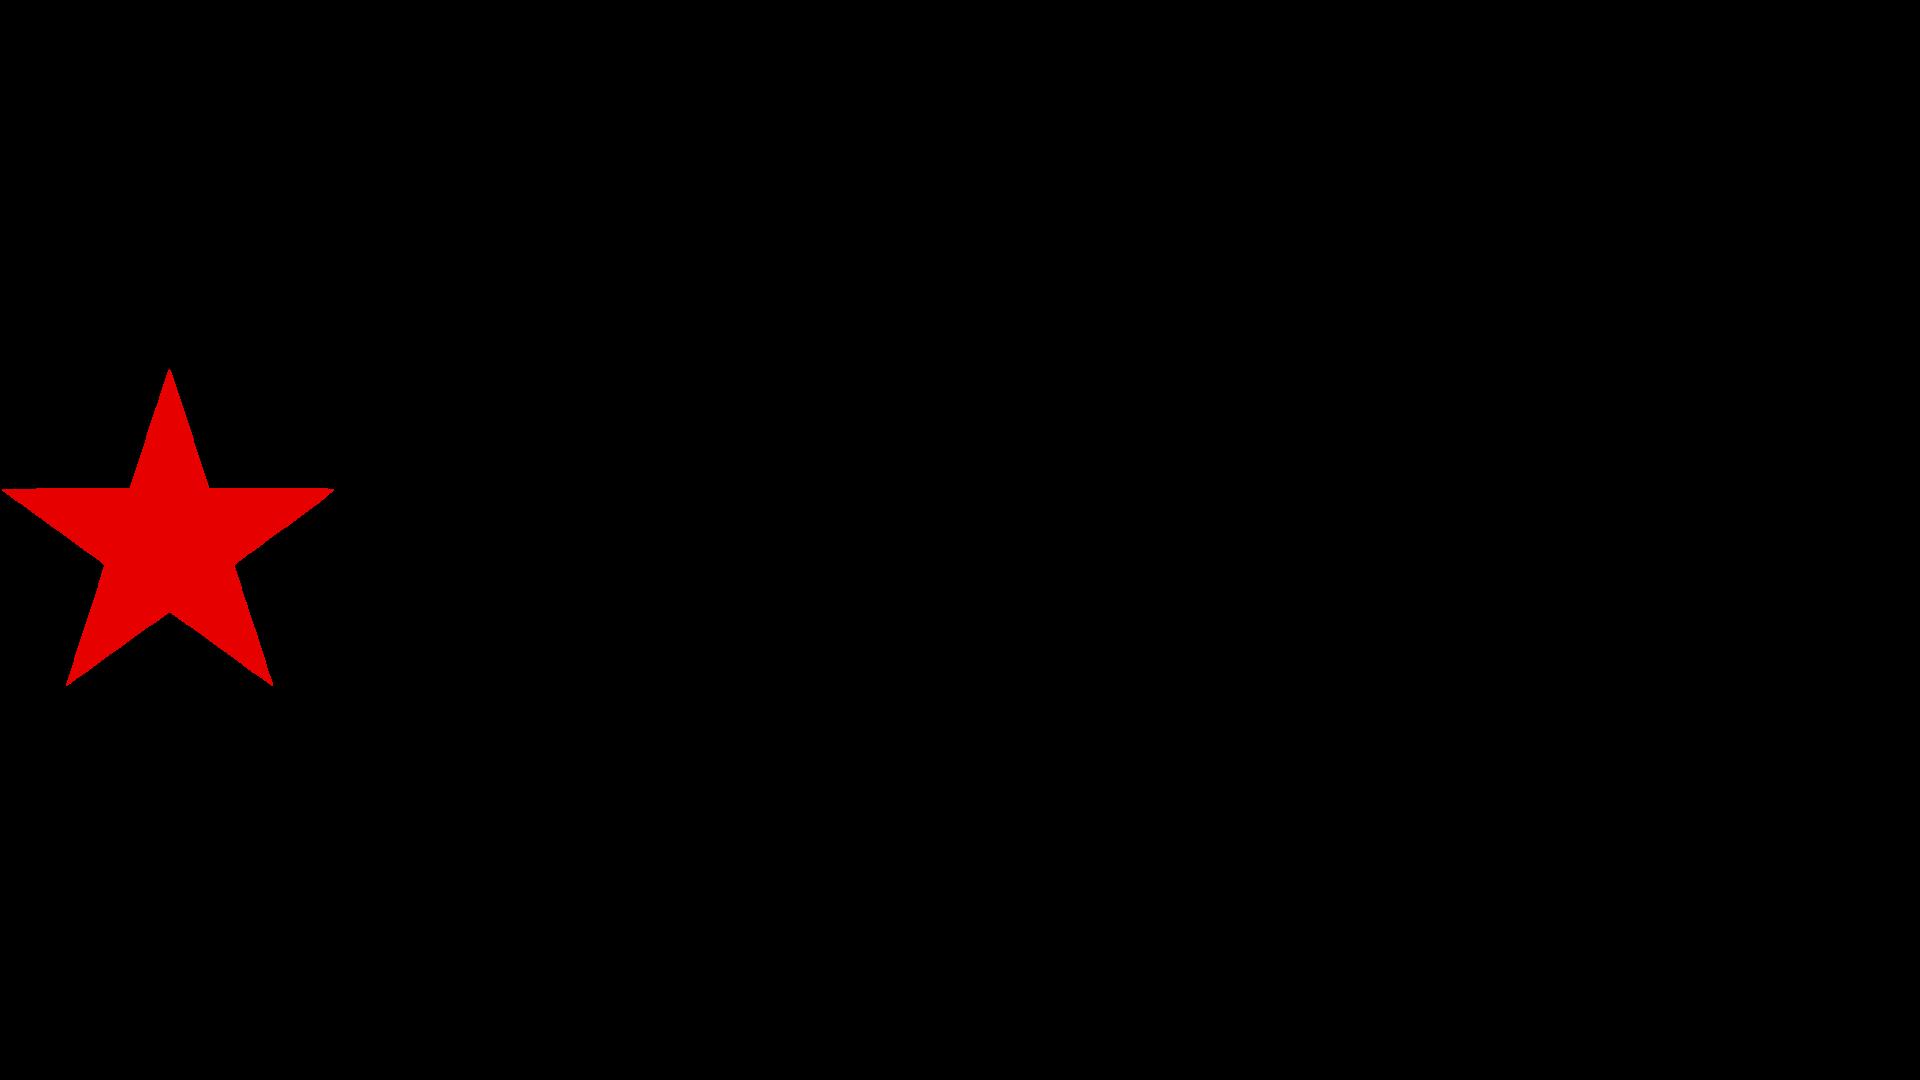 https://0201.nccdn.net/1_2/000/000/16e/028/Macys-Logo-1920x1080.png